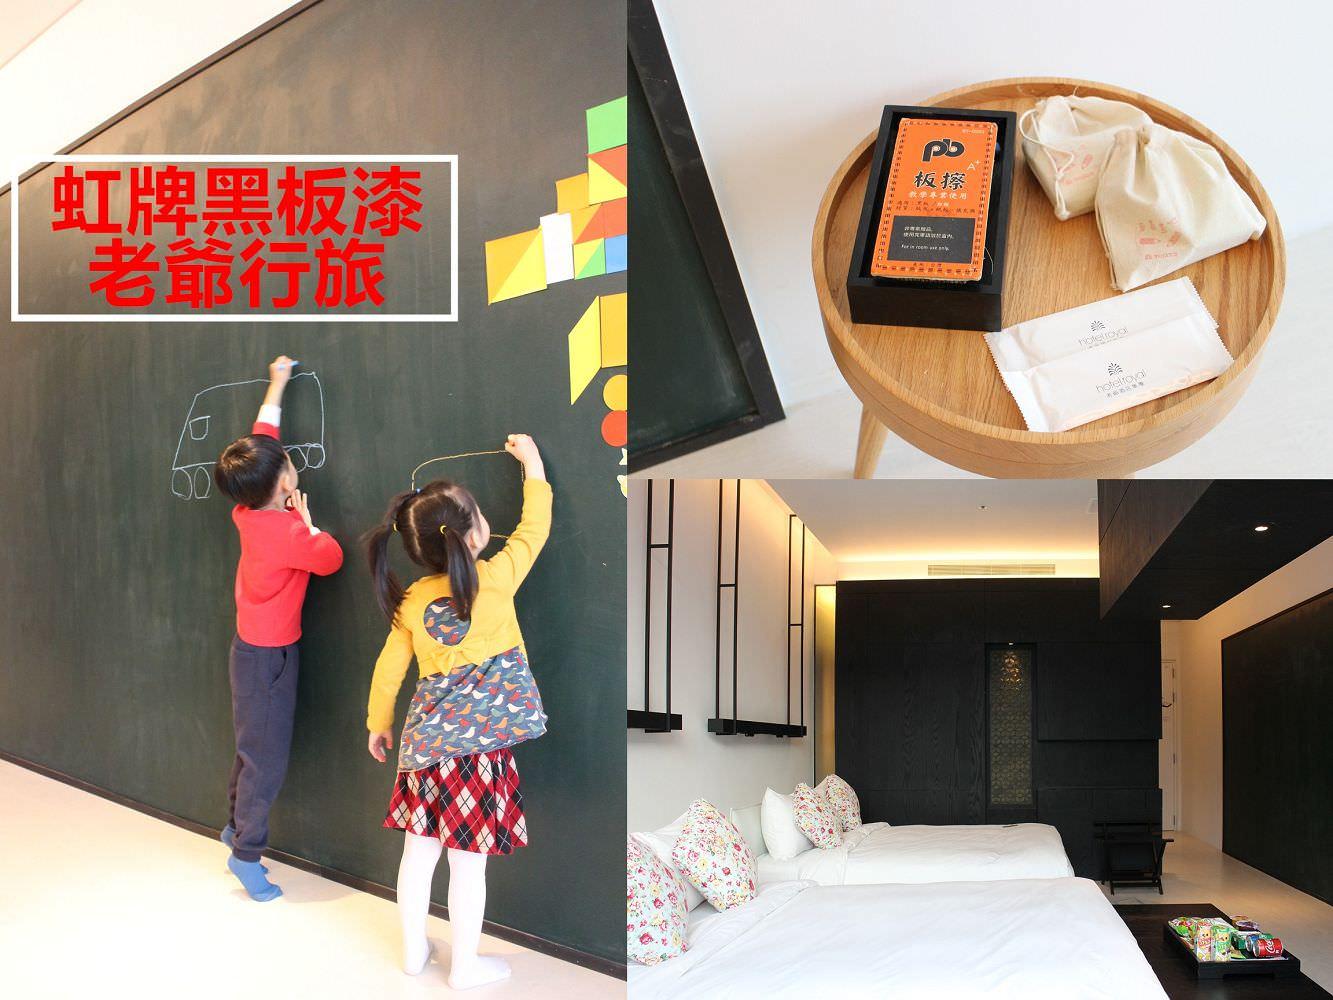 空間設計︱台南住宿︱虹牌水性黑板漆:到老爺行旅和孩子一起玩創意,盡情揮灑色彩,創造出你們家的專屬牆